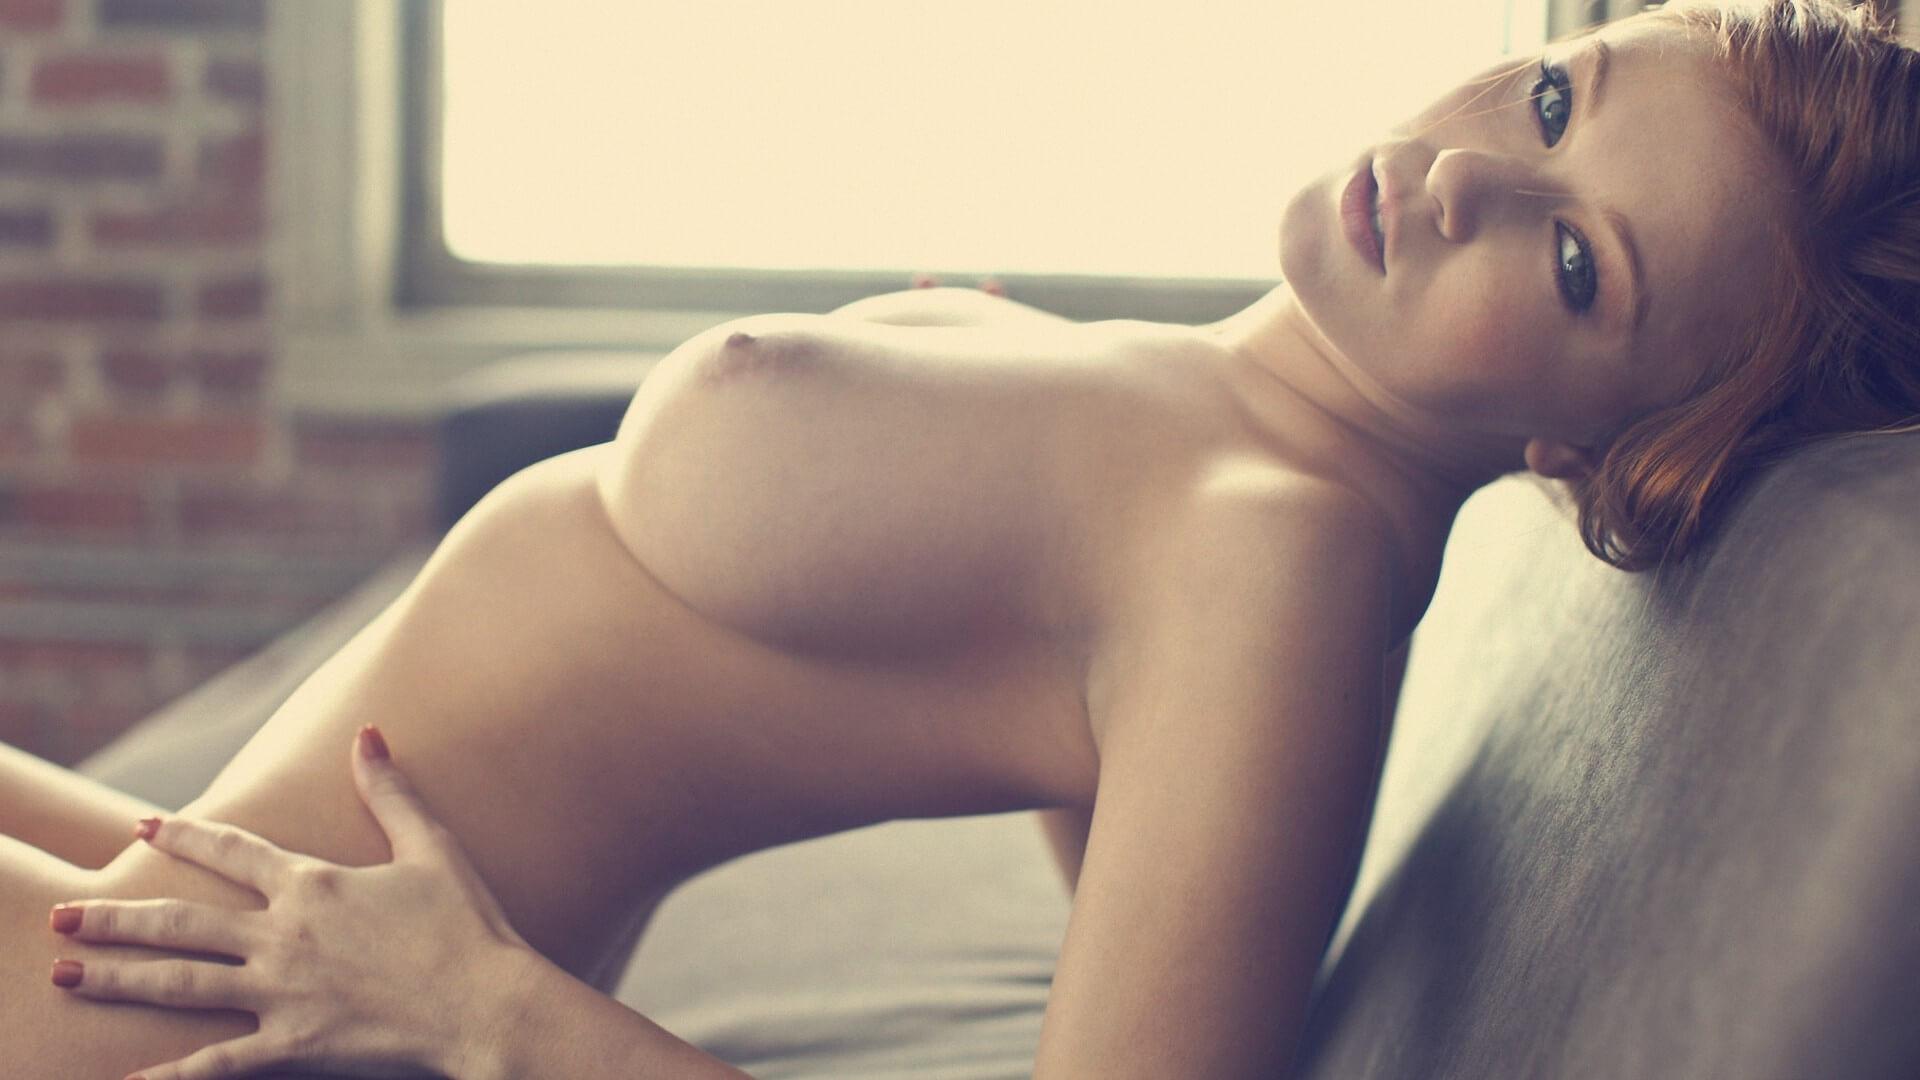 Hot nude erotic hd q porn movie